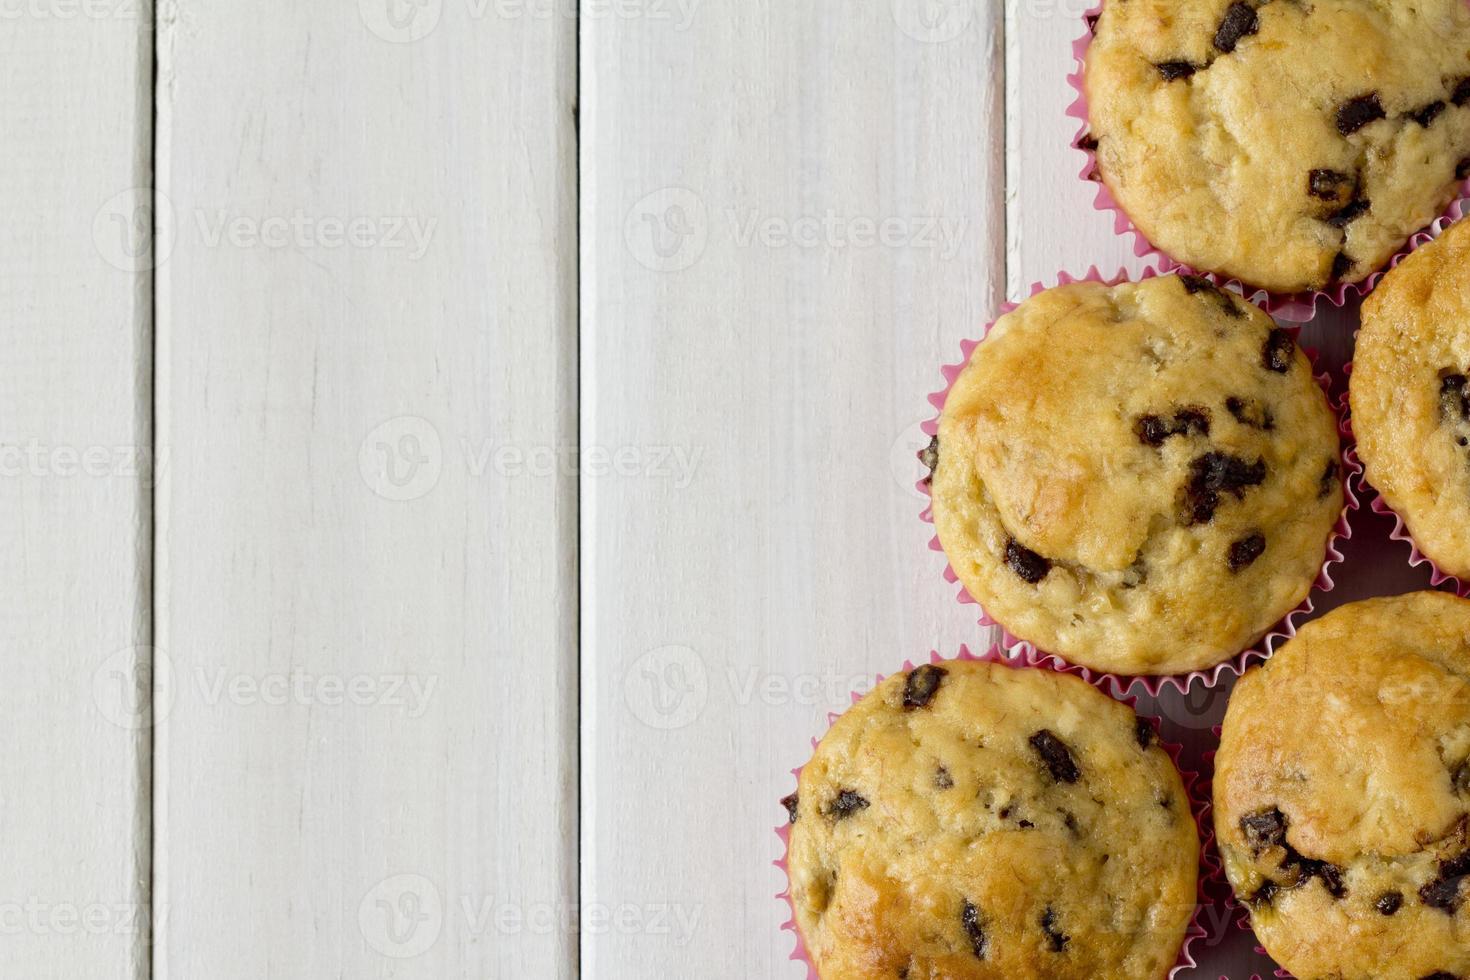 bananchokladmuffins ovanifrån med kopieringsutrymme foto